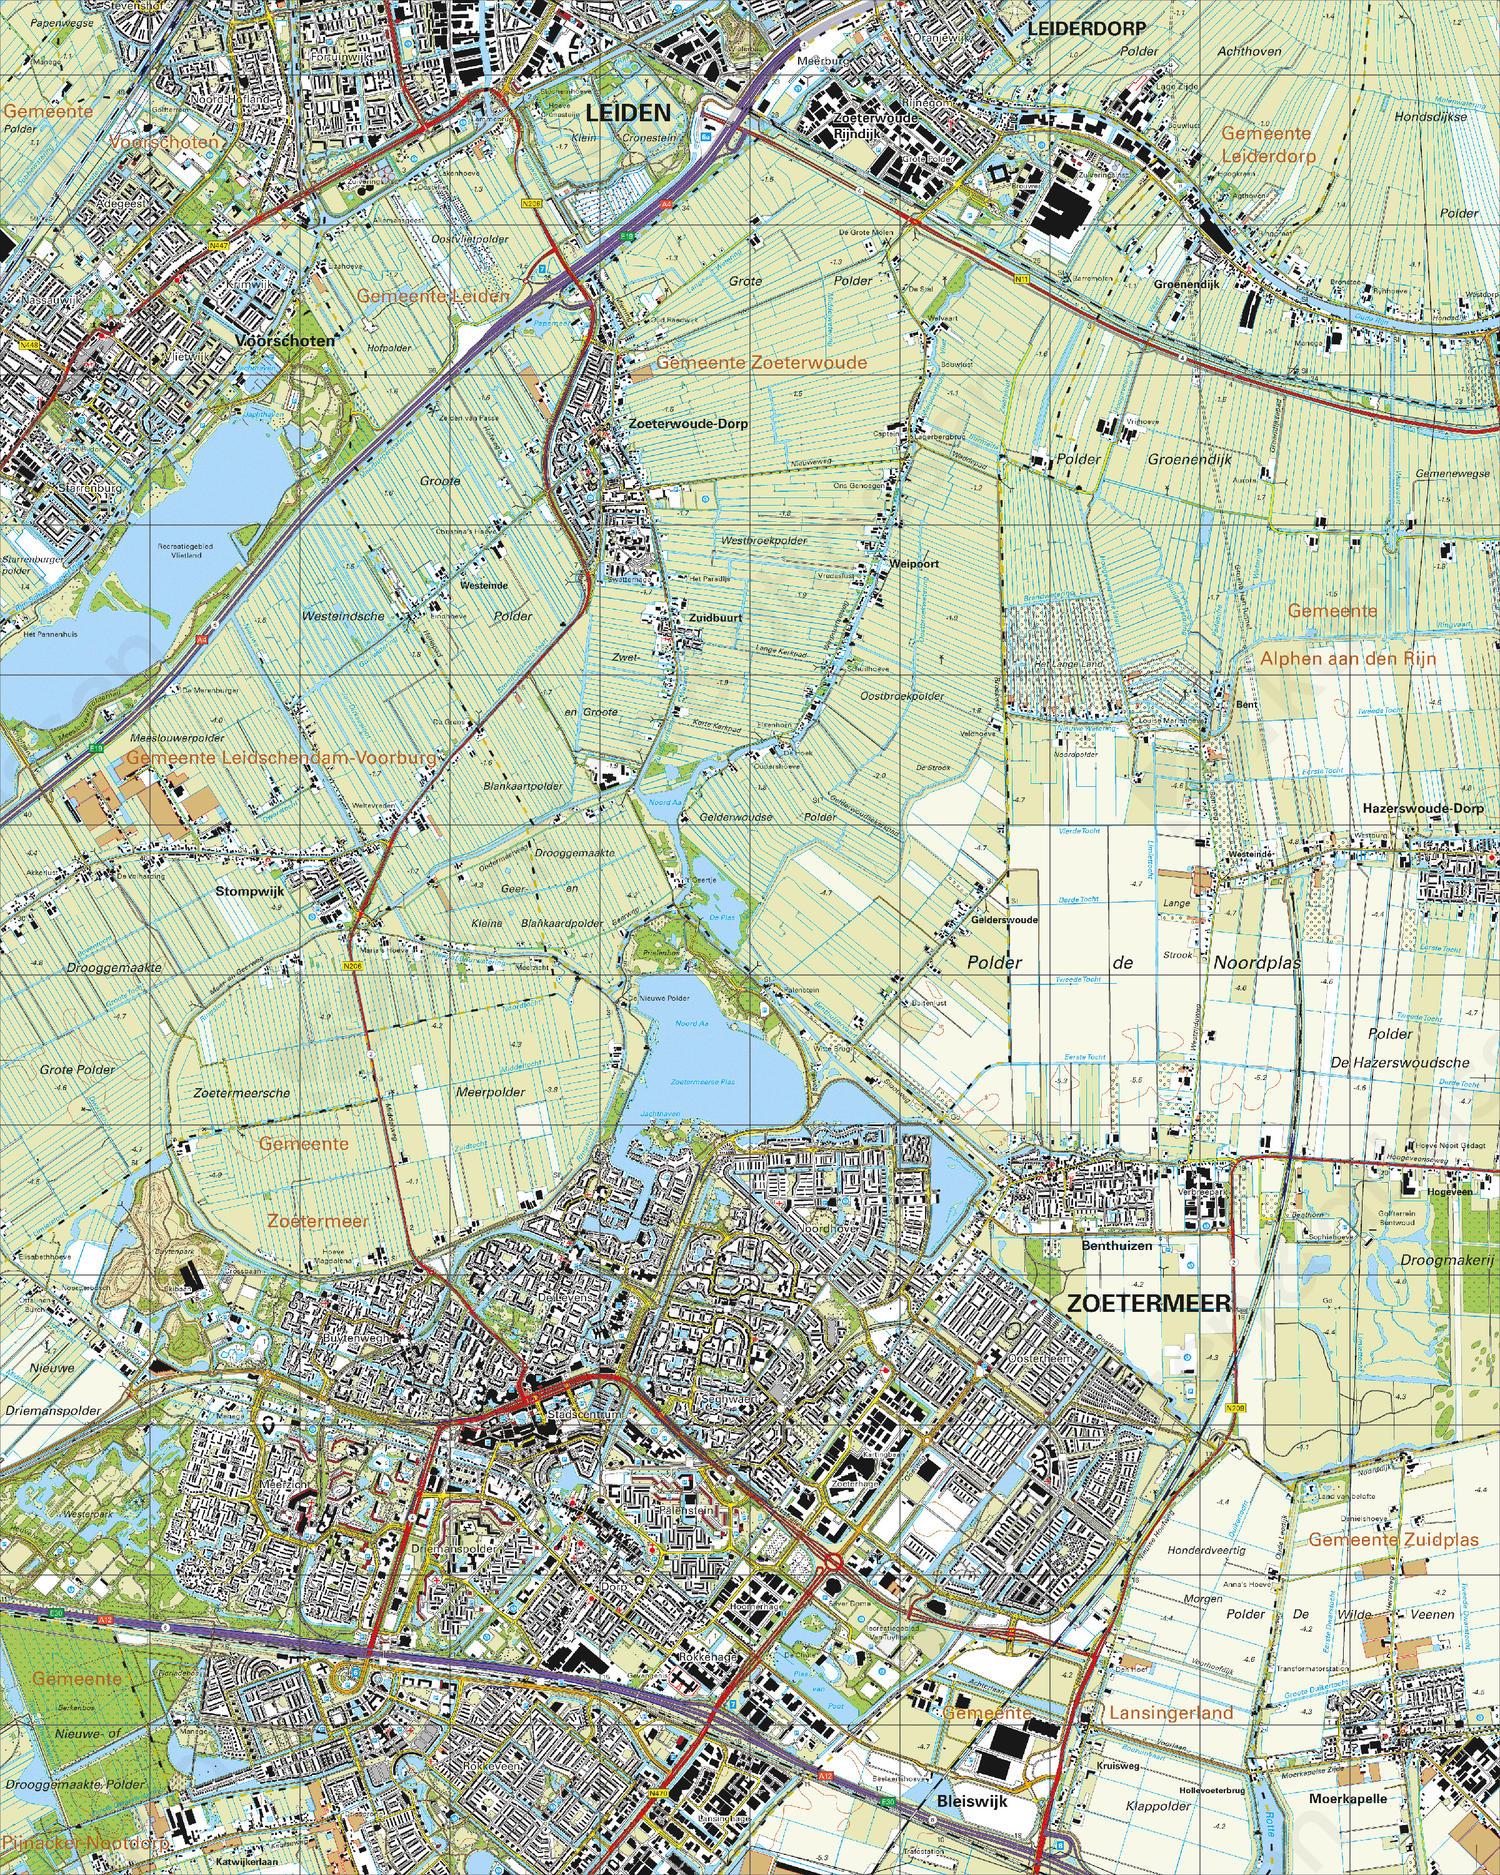 zoetermeer kaart Digitale Topografische Kaart 30H Zoetermeer | Kaarten en Atlassen.nl